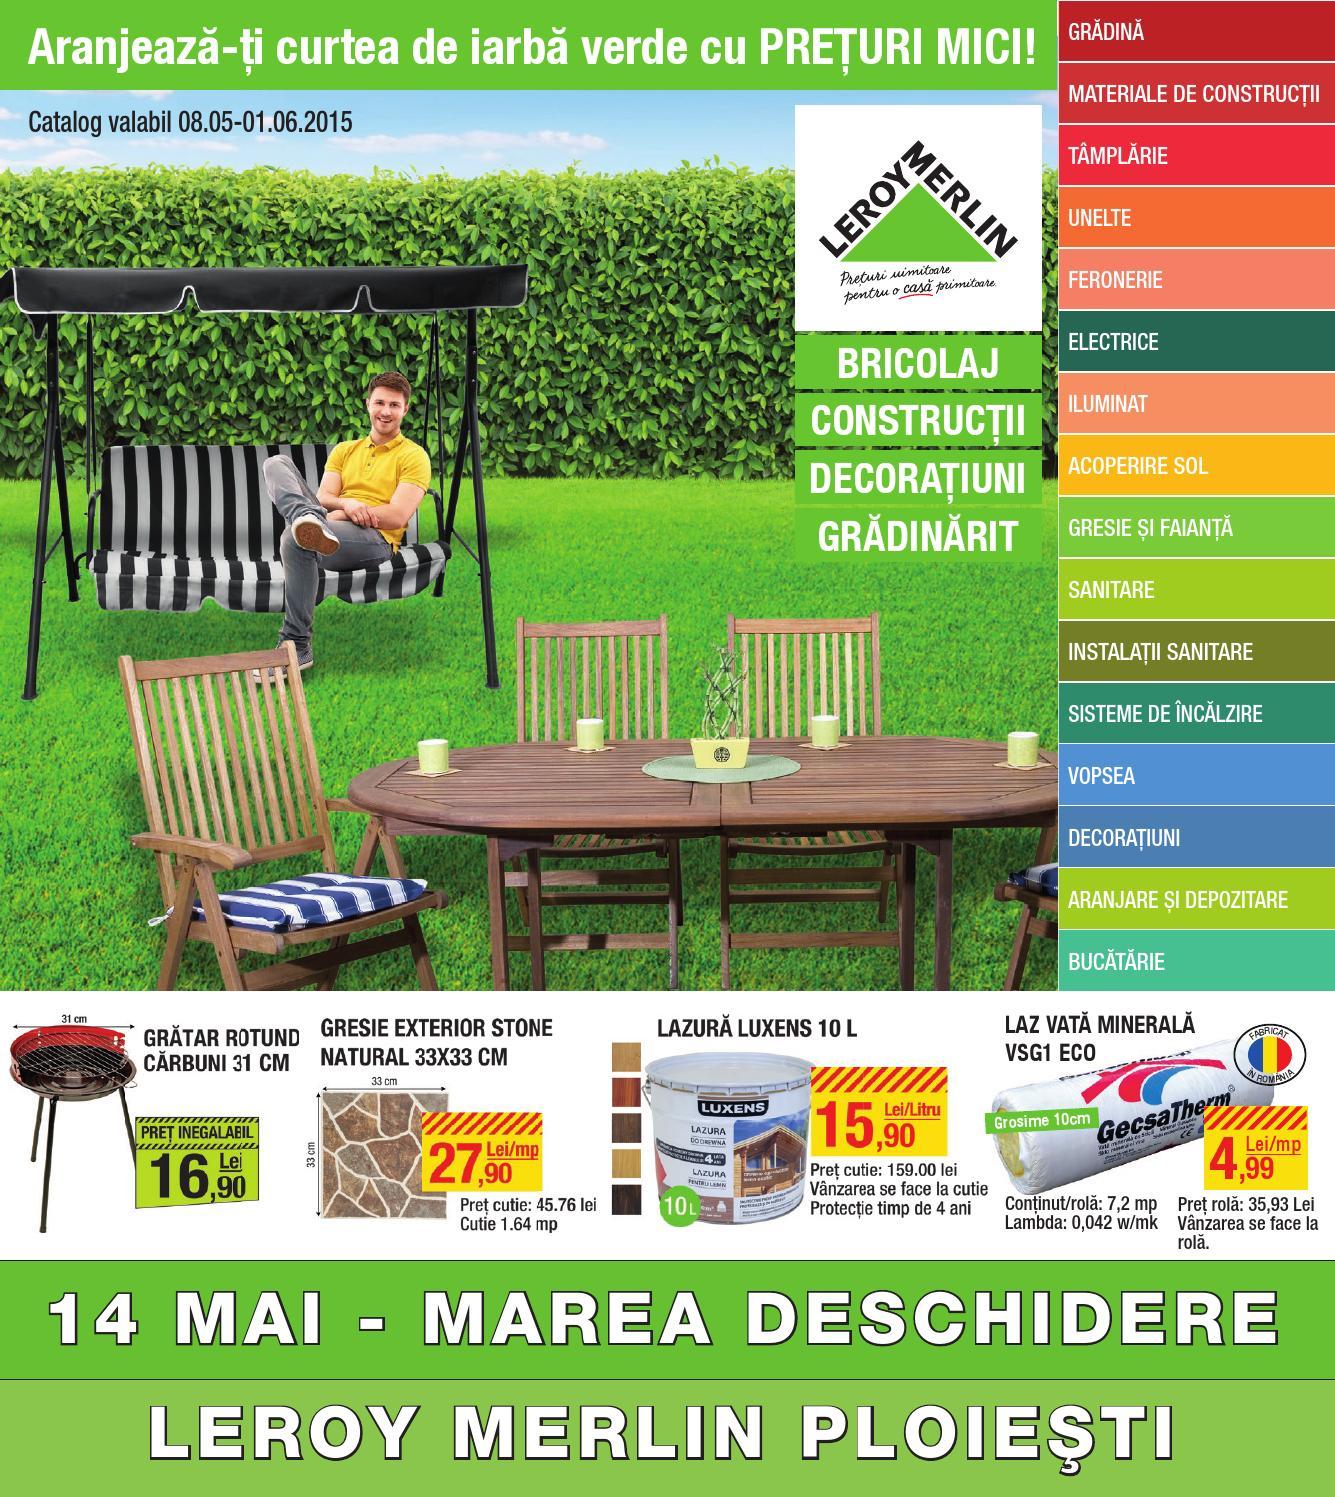 Catalog leroy merlin 8 mai 1 iunie 2015 by cataloage issuu - Musique pub leroy merlin ...